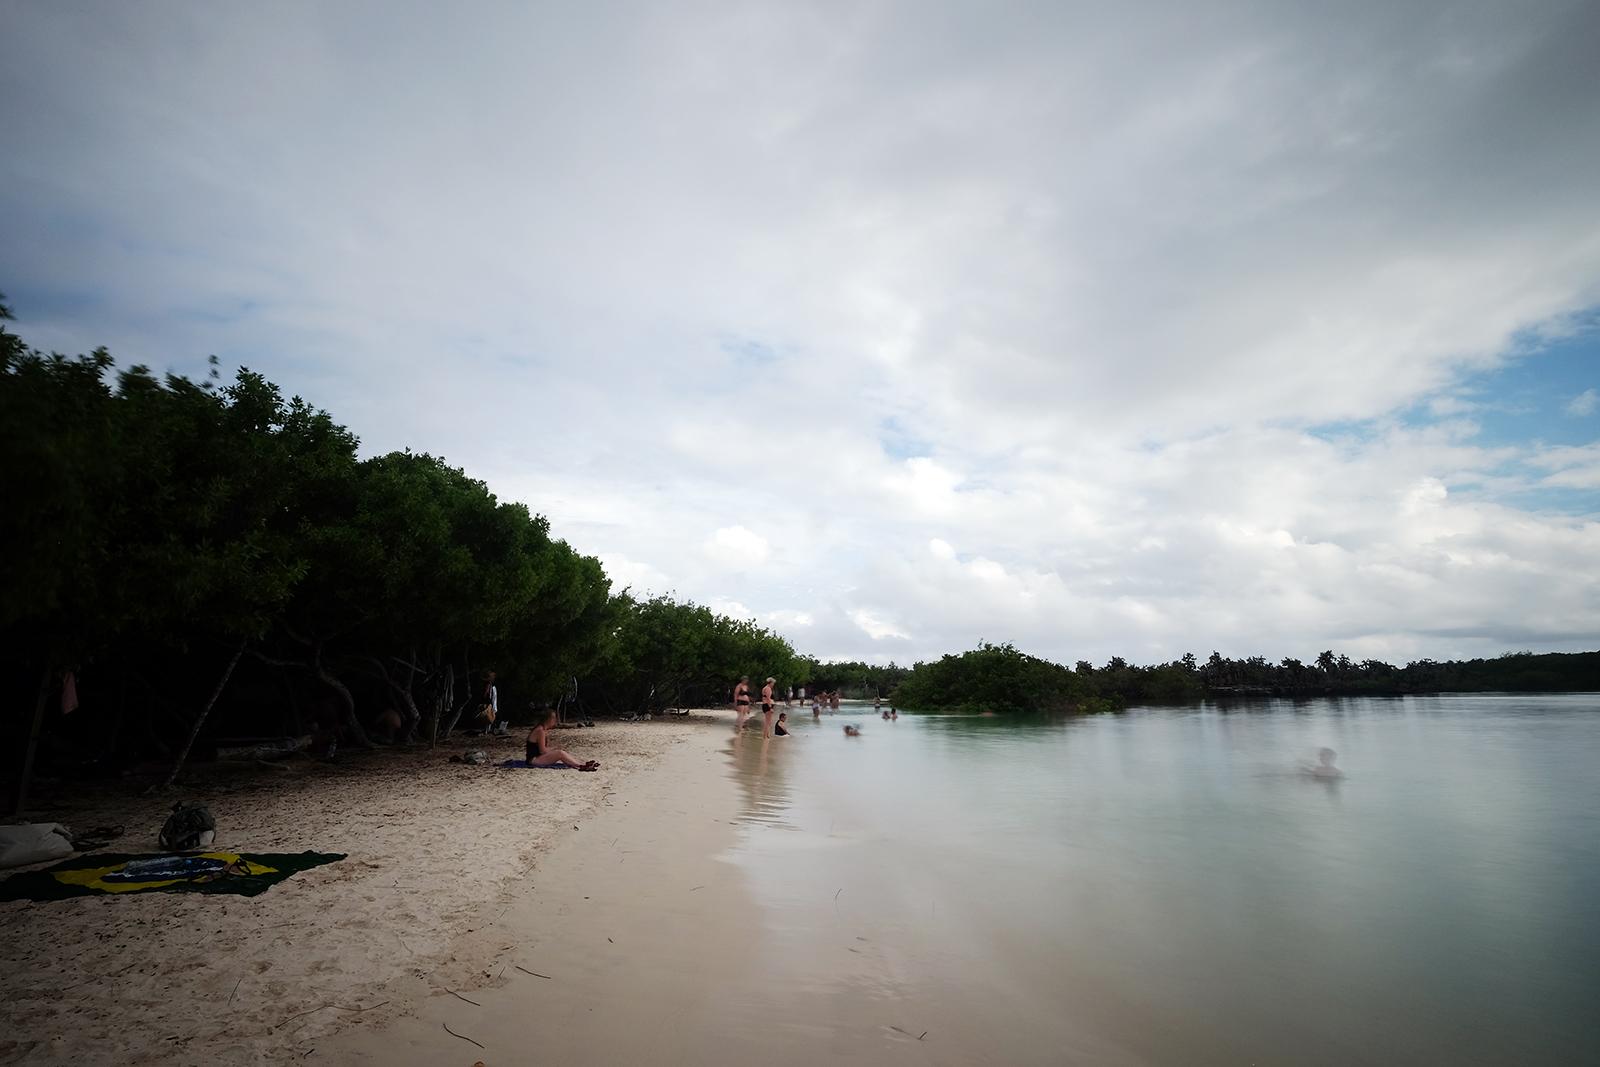 04_Playa_Bahia_de_Tortuga_08_se_viene_la_tormenta.JPG